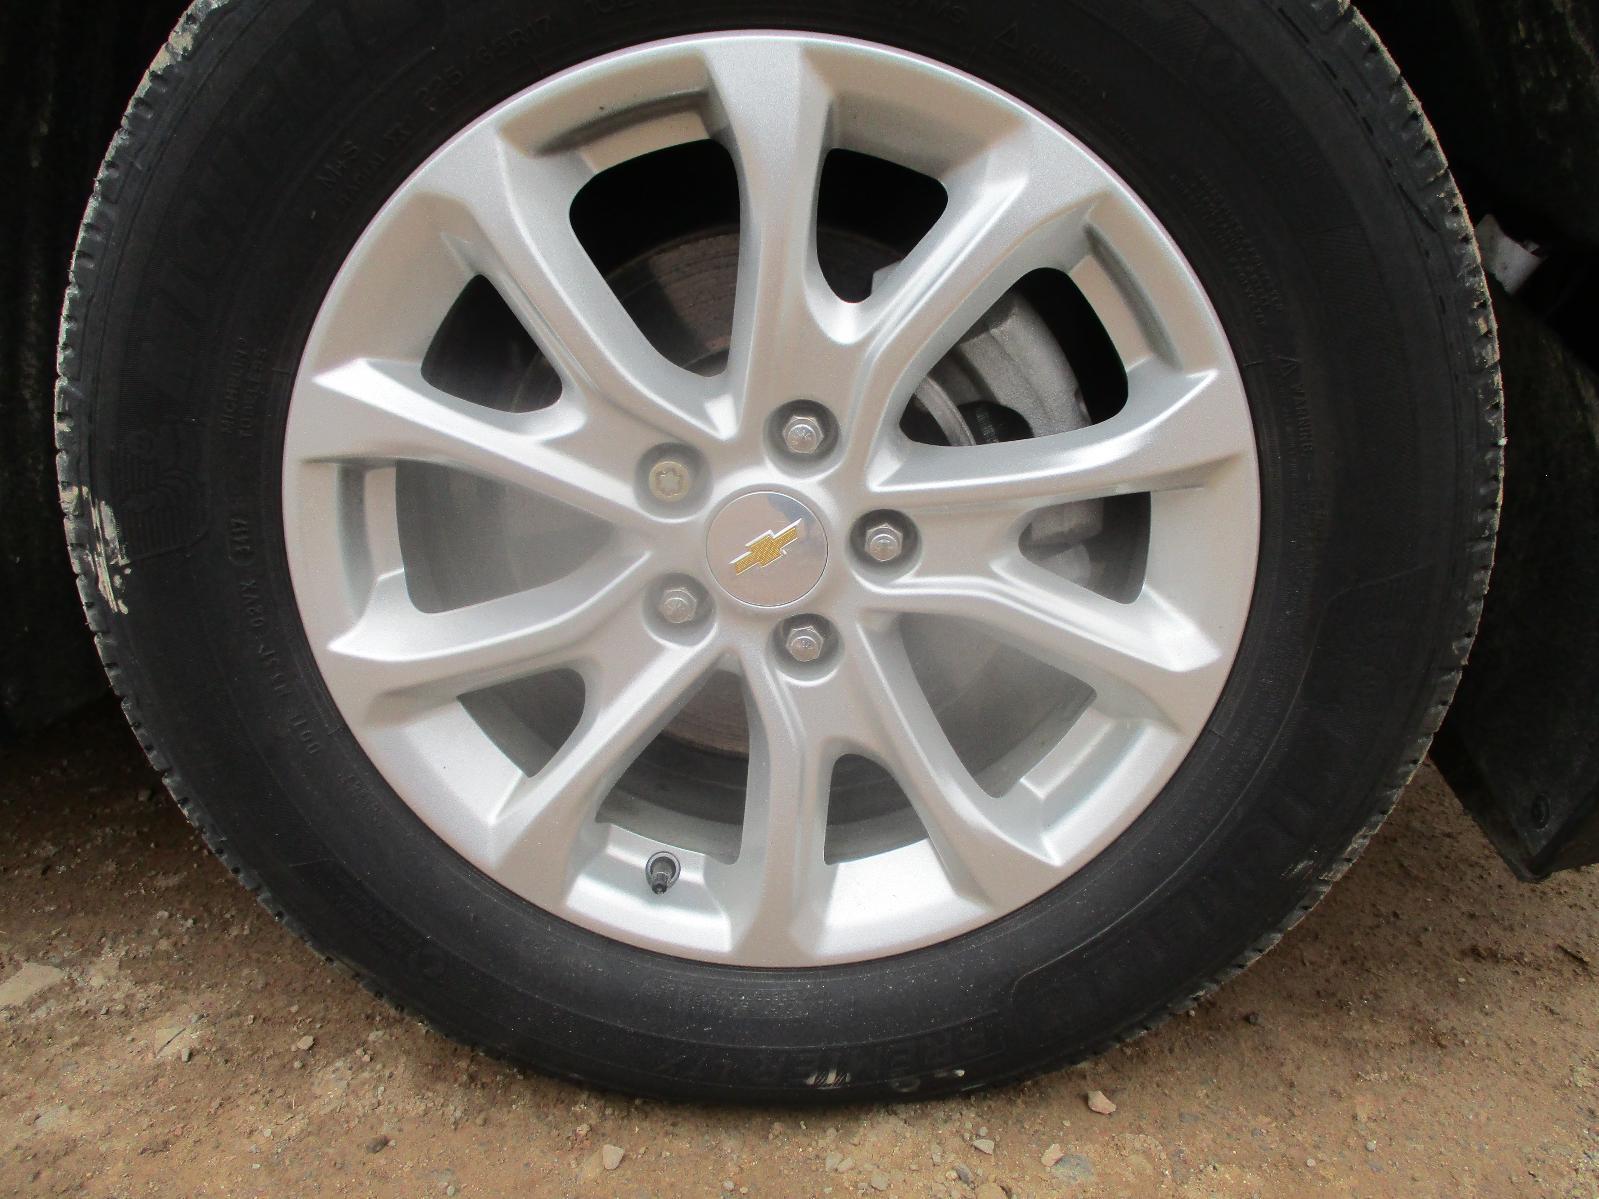 2015 Chevrolet Equinox LS – #K00770 full